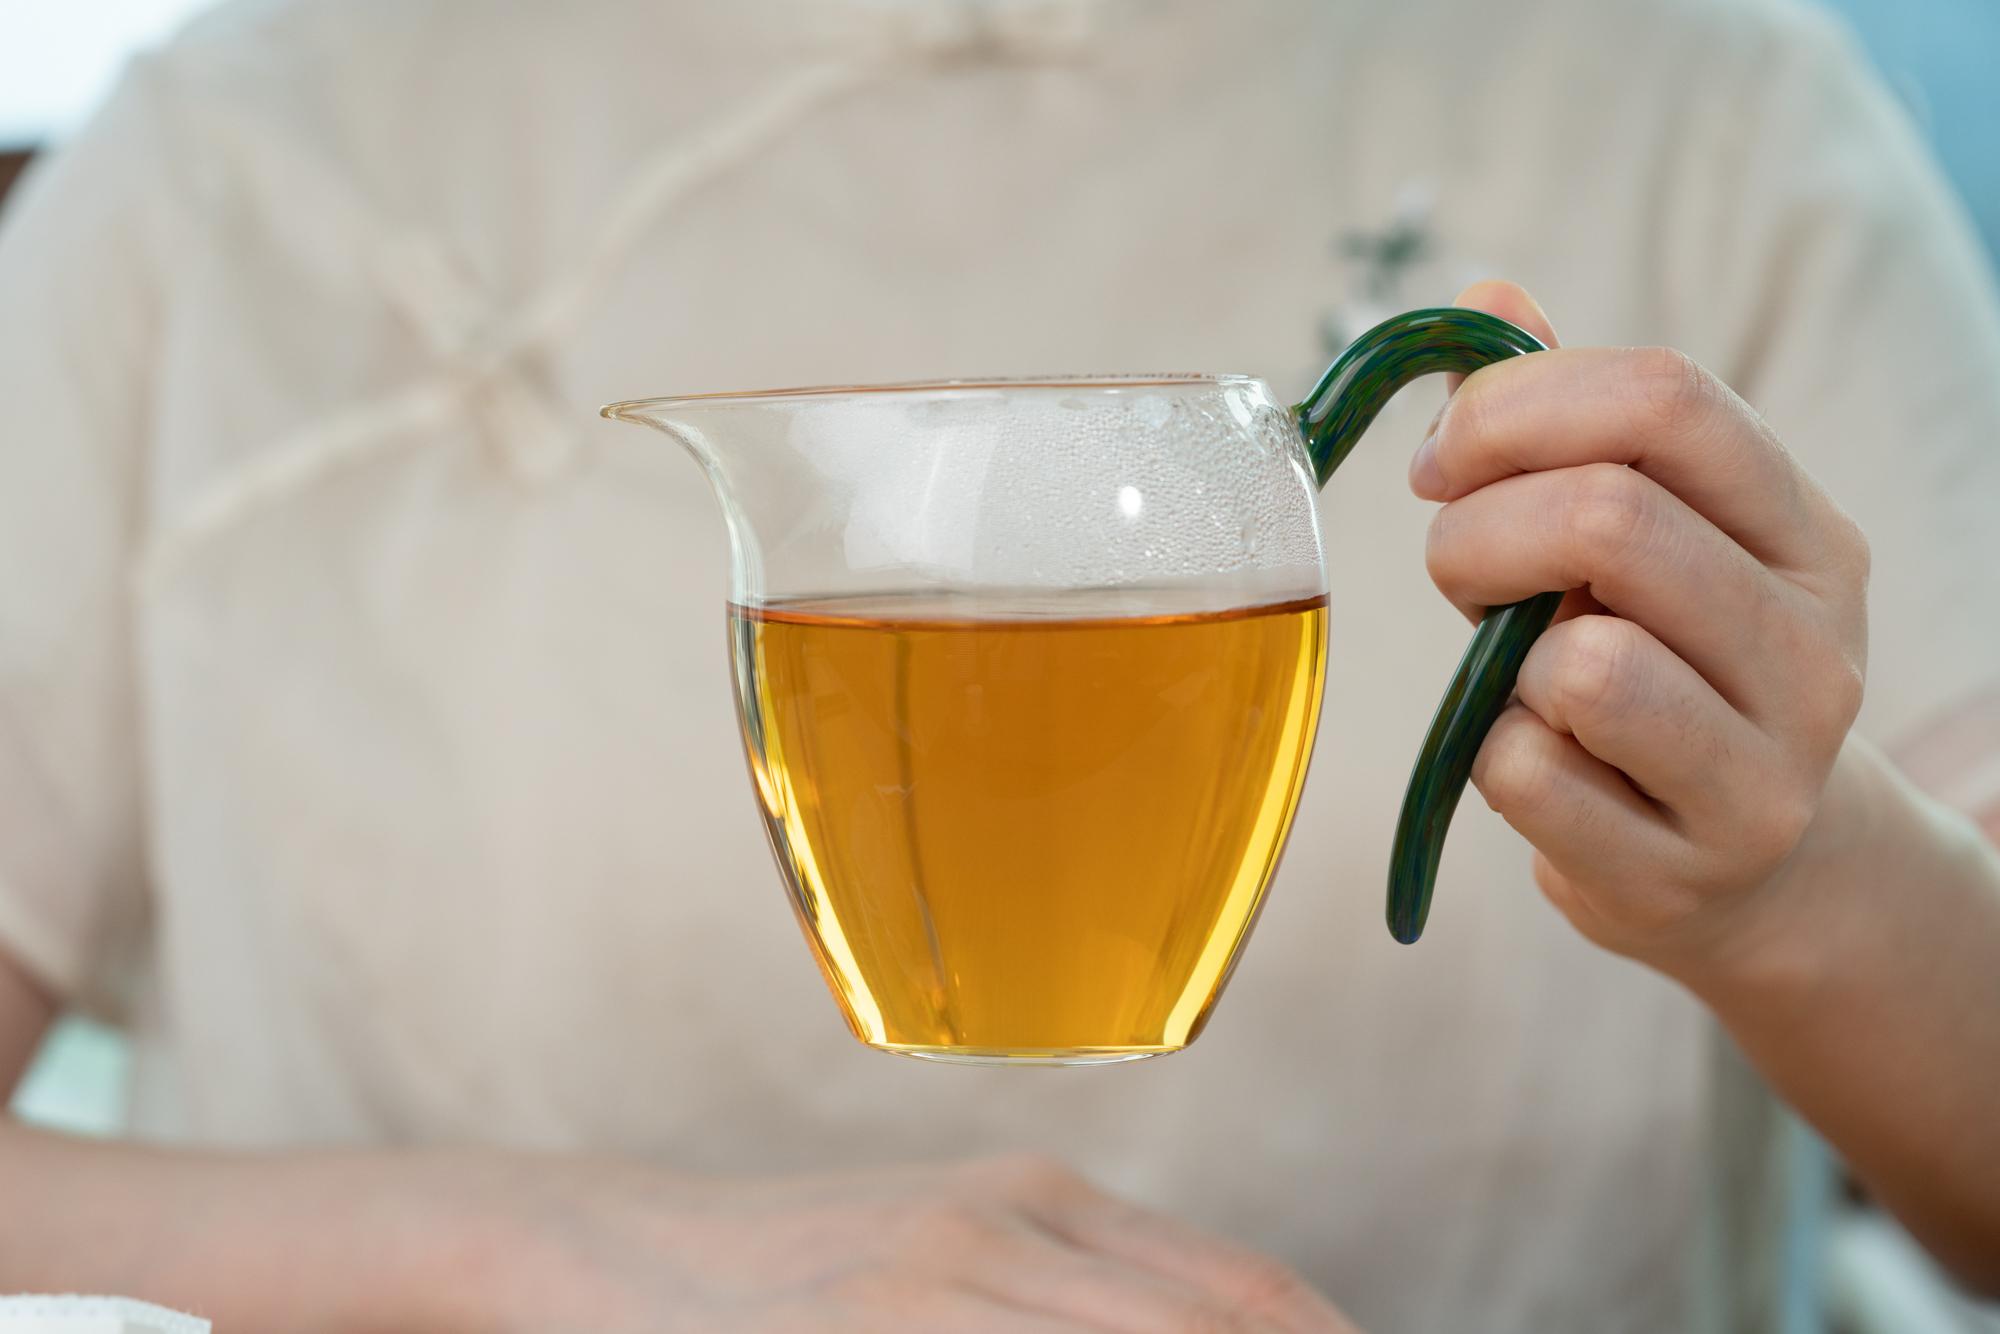 今日寒露:过了寒露,喝哪些茶养生?